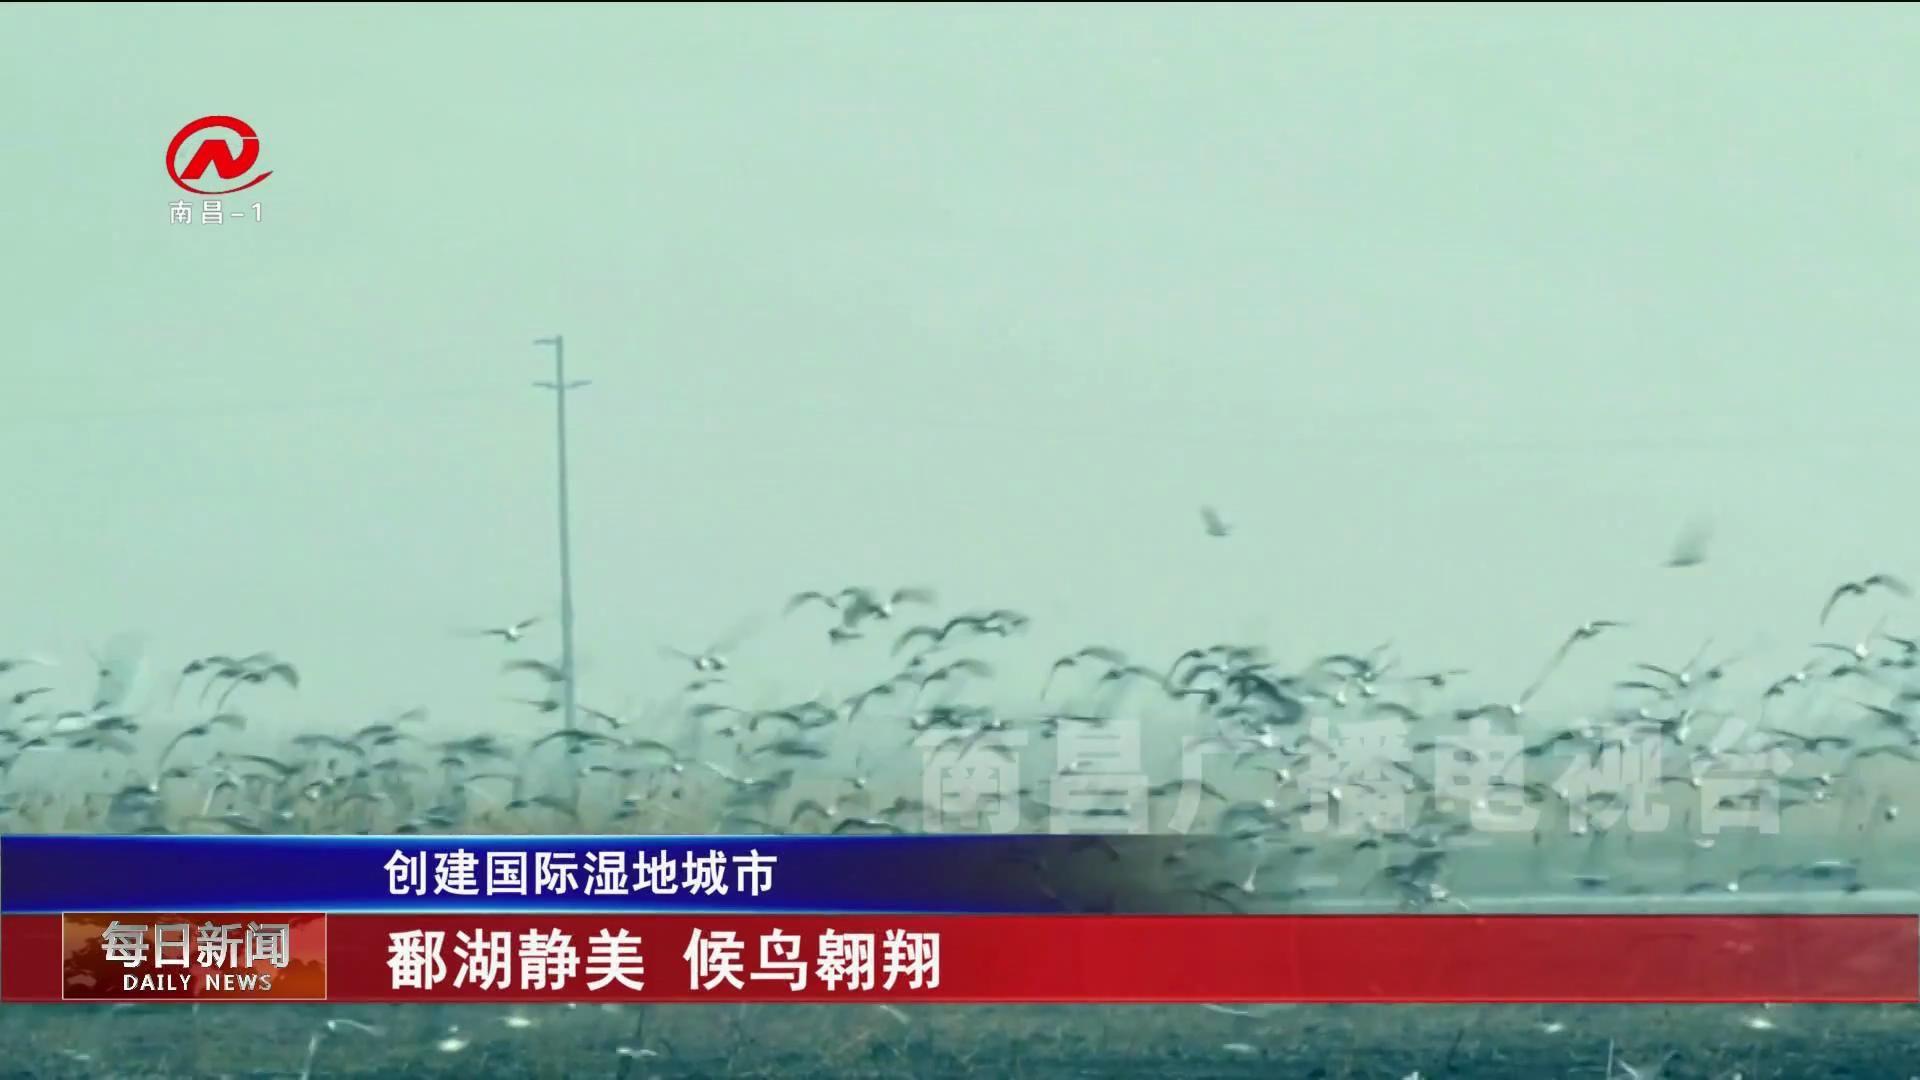 鄱湖靜美 候鳥翱翔